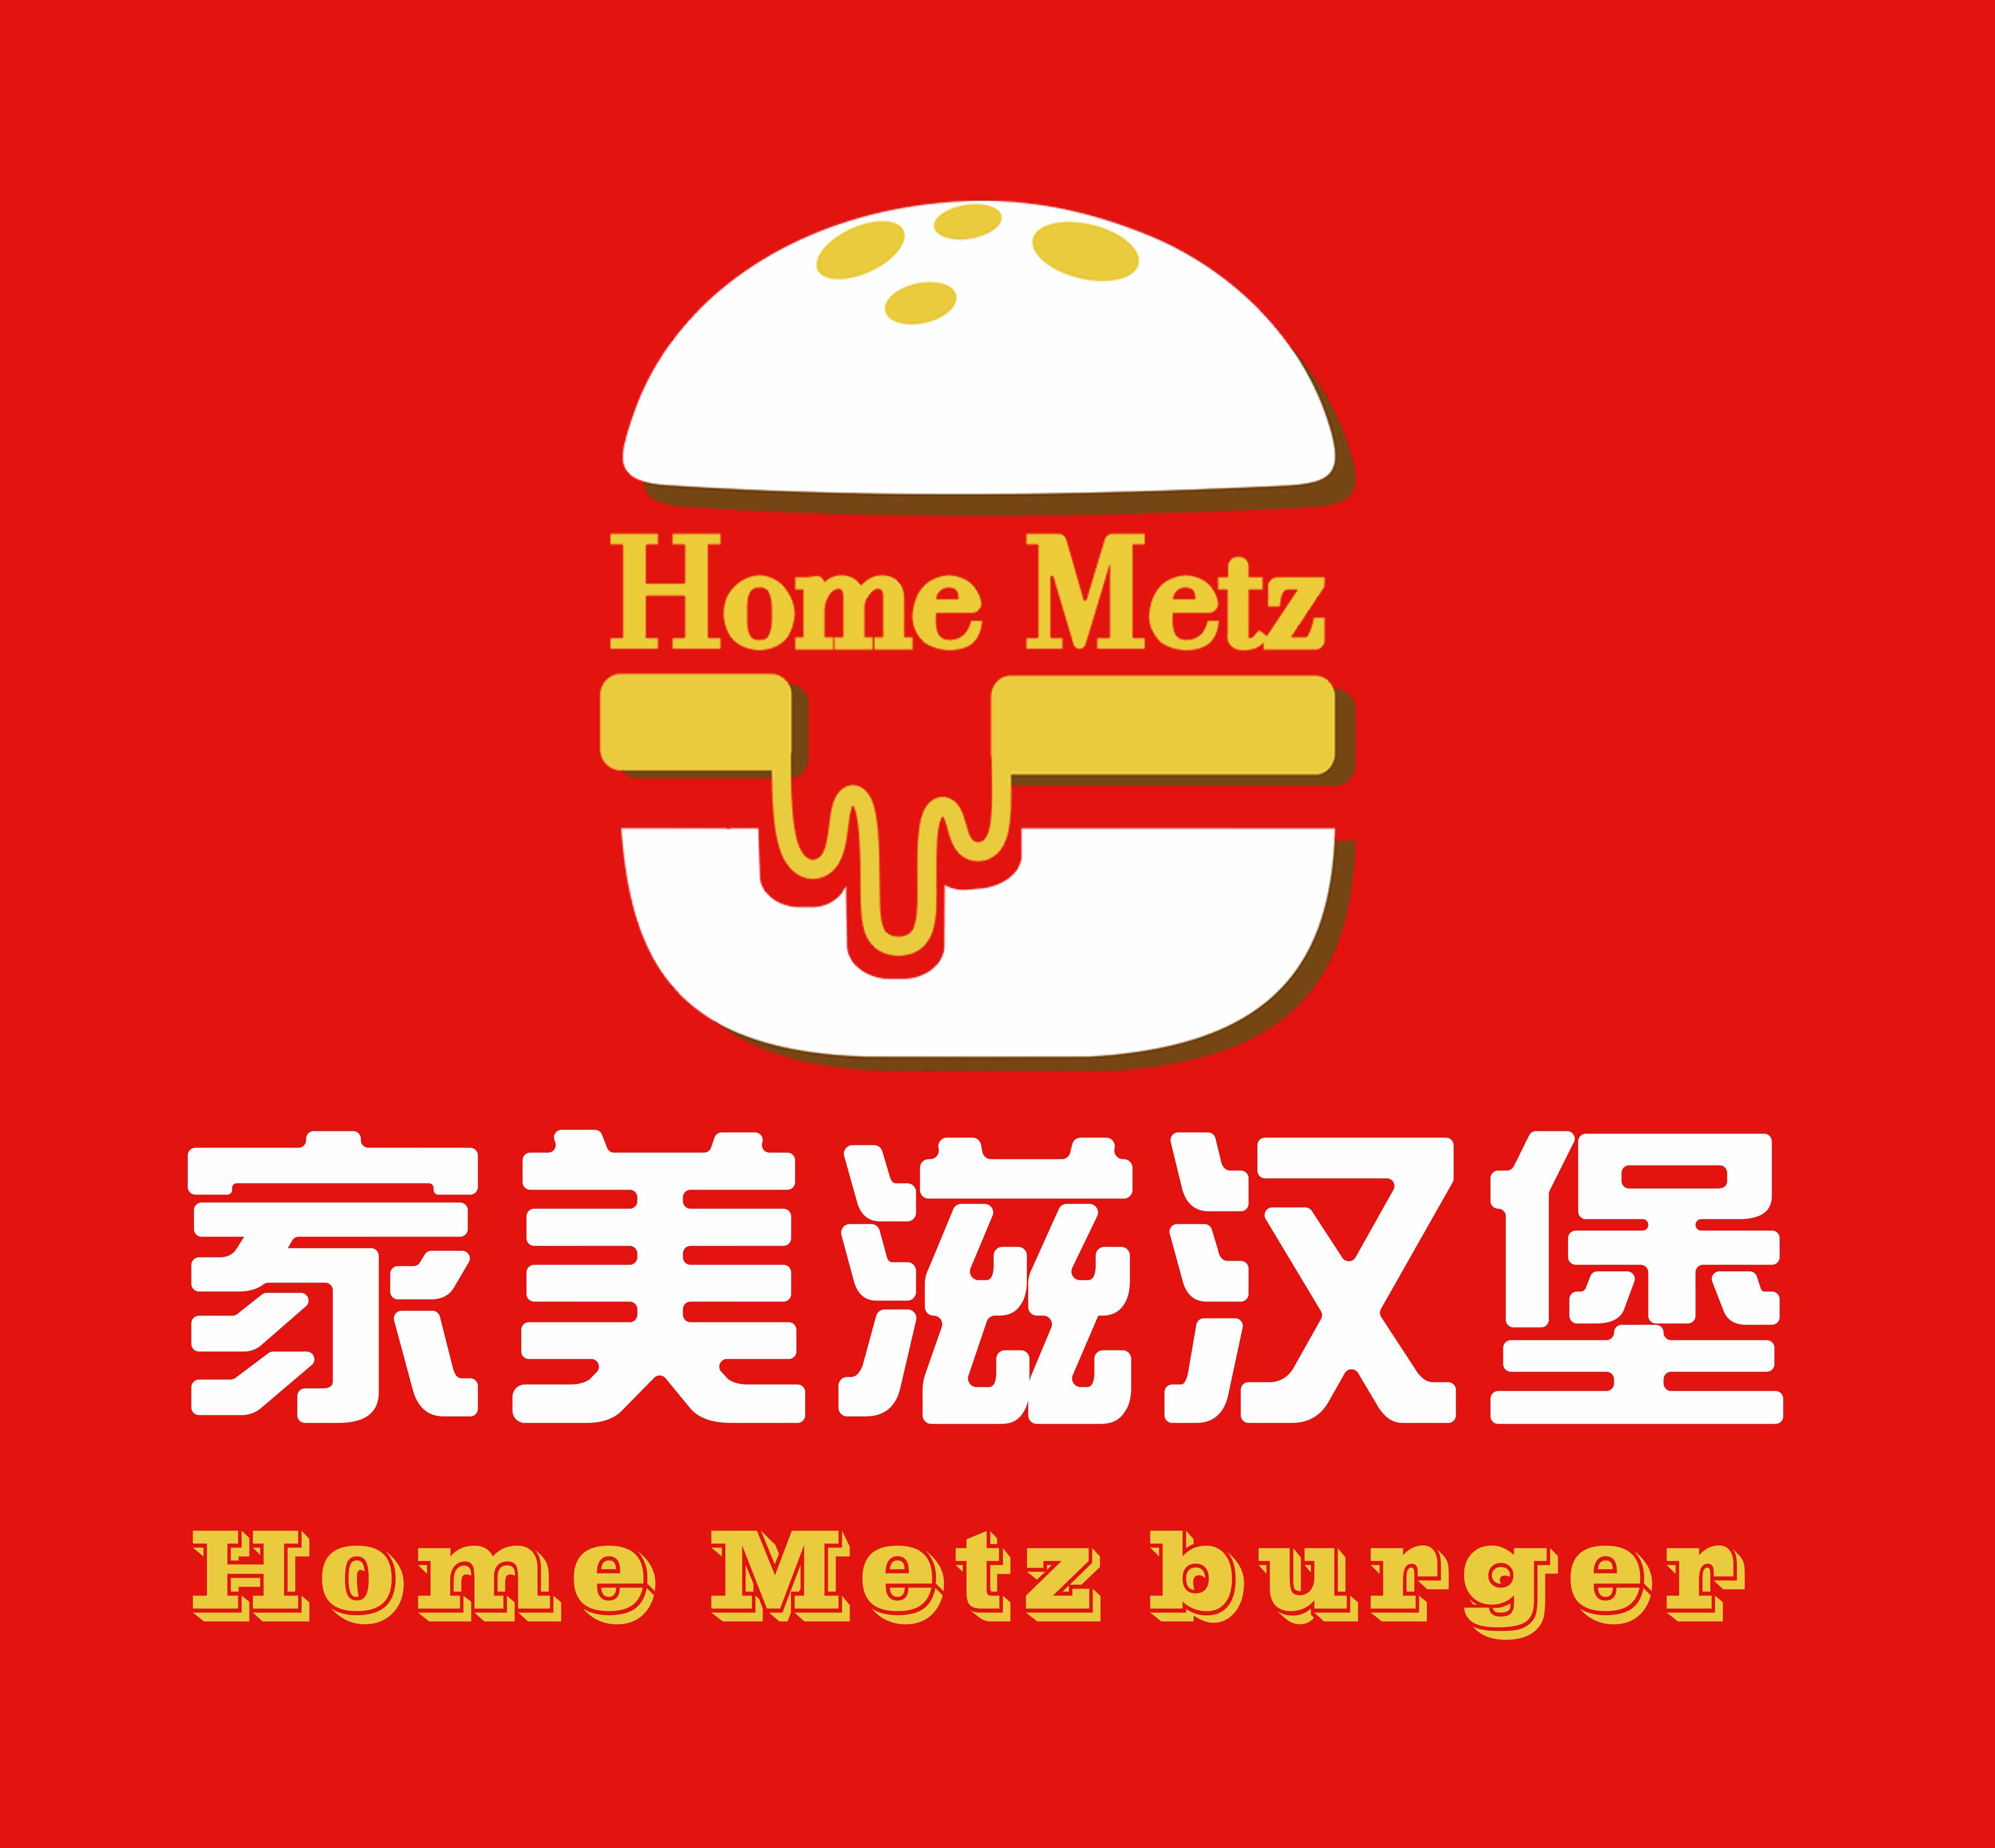 家美滋西式漢堡快餐店品牌logo